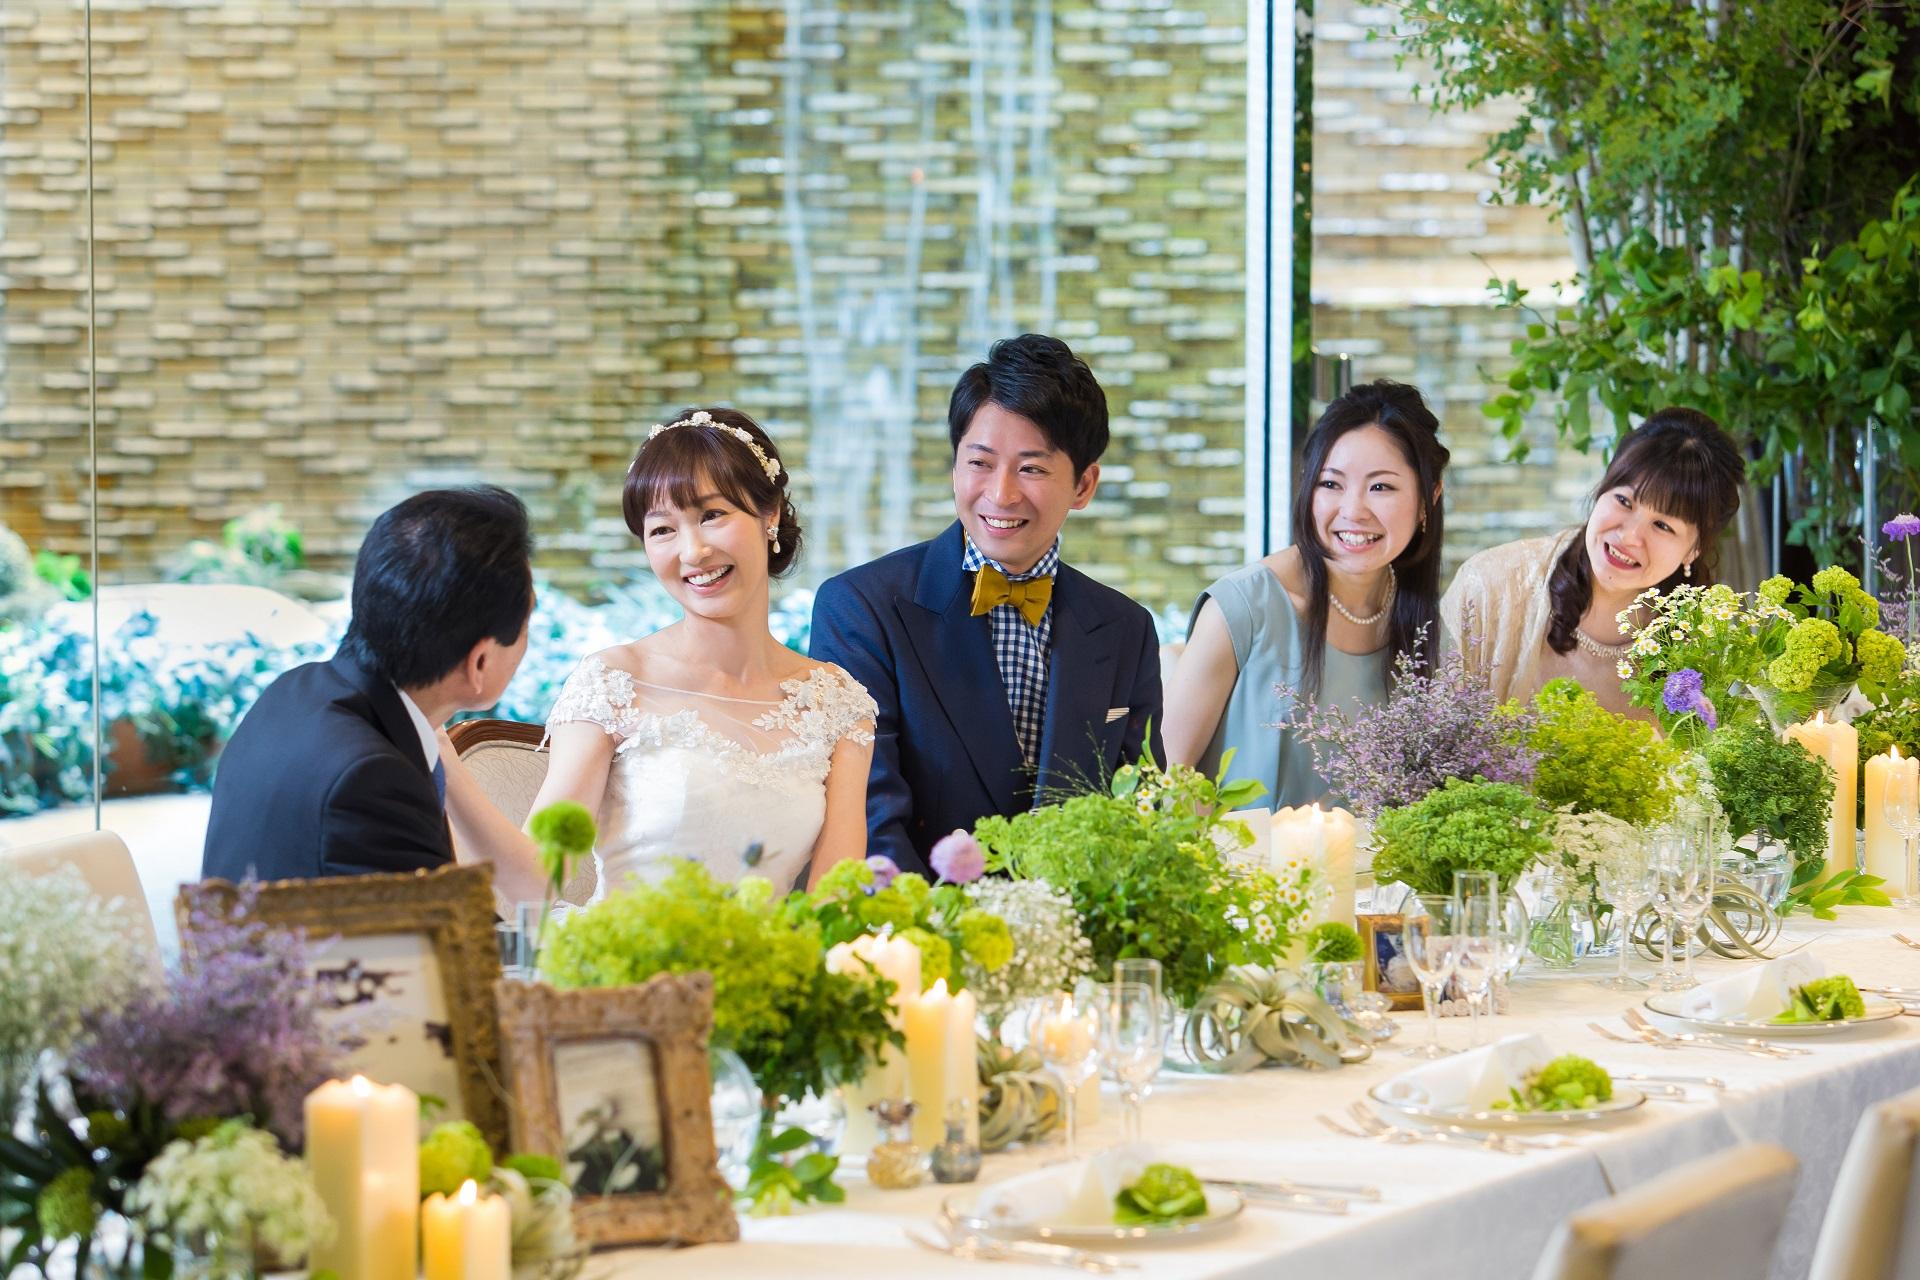 会食スタイルのアットホームな少人数ウエディングプラン|レンブラントホテル大分【公式】婚礼サイト